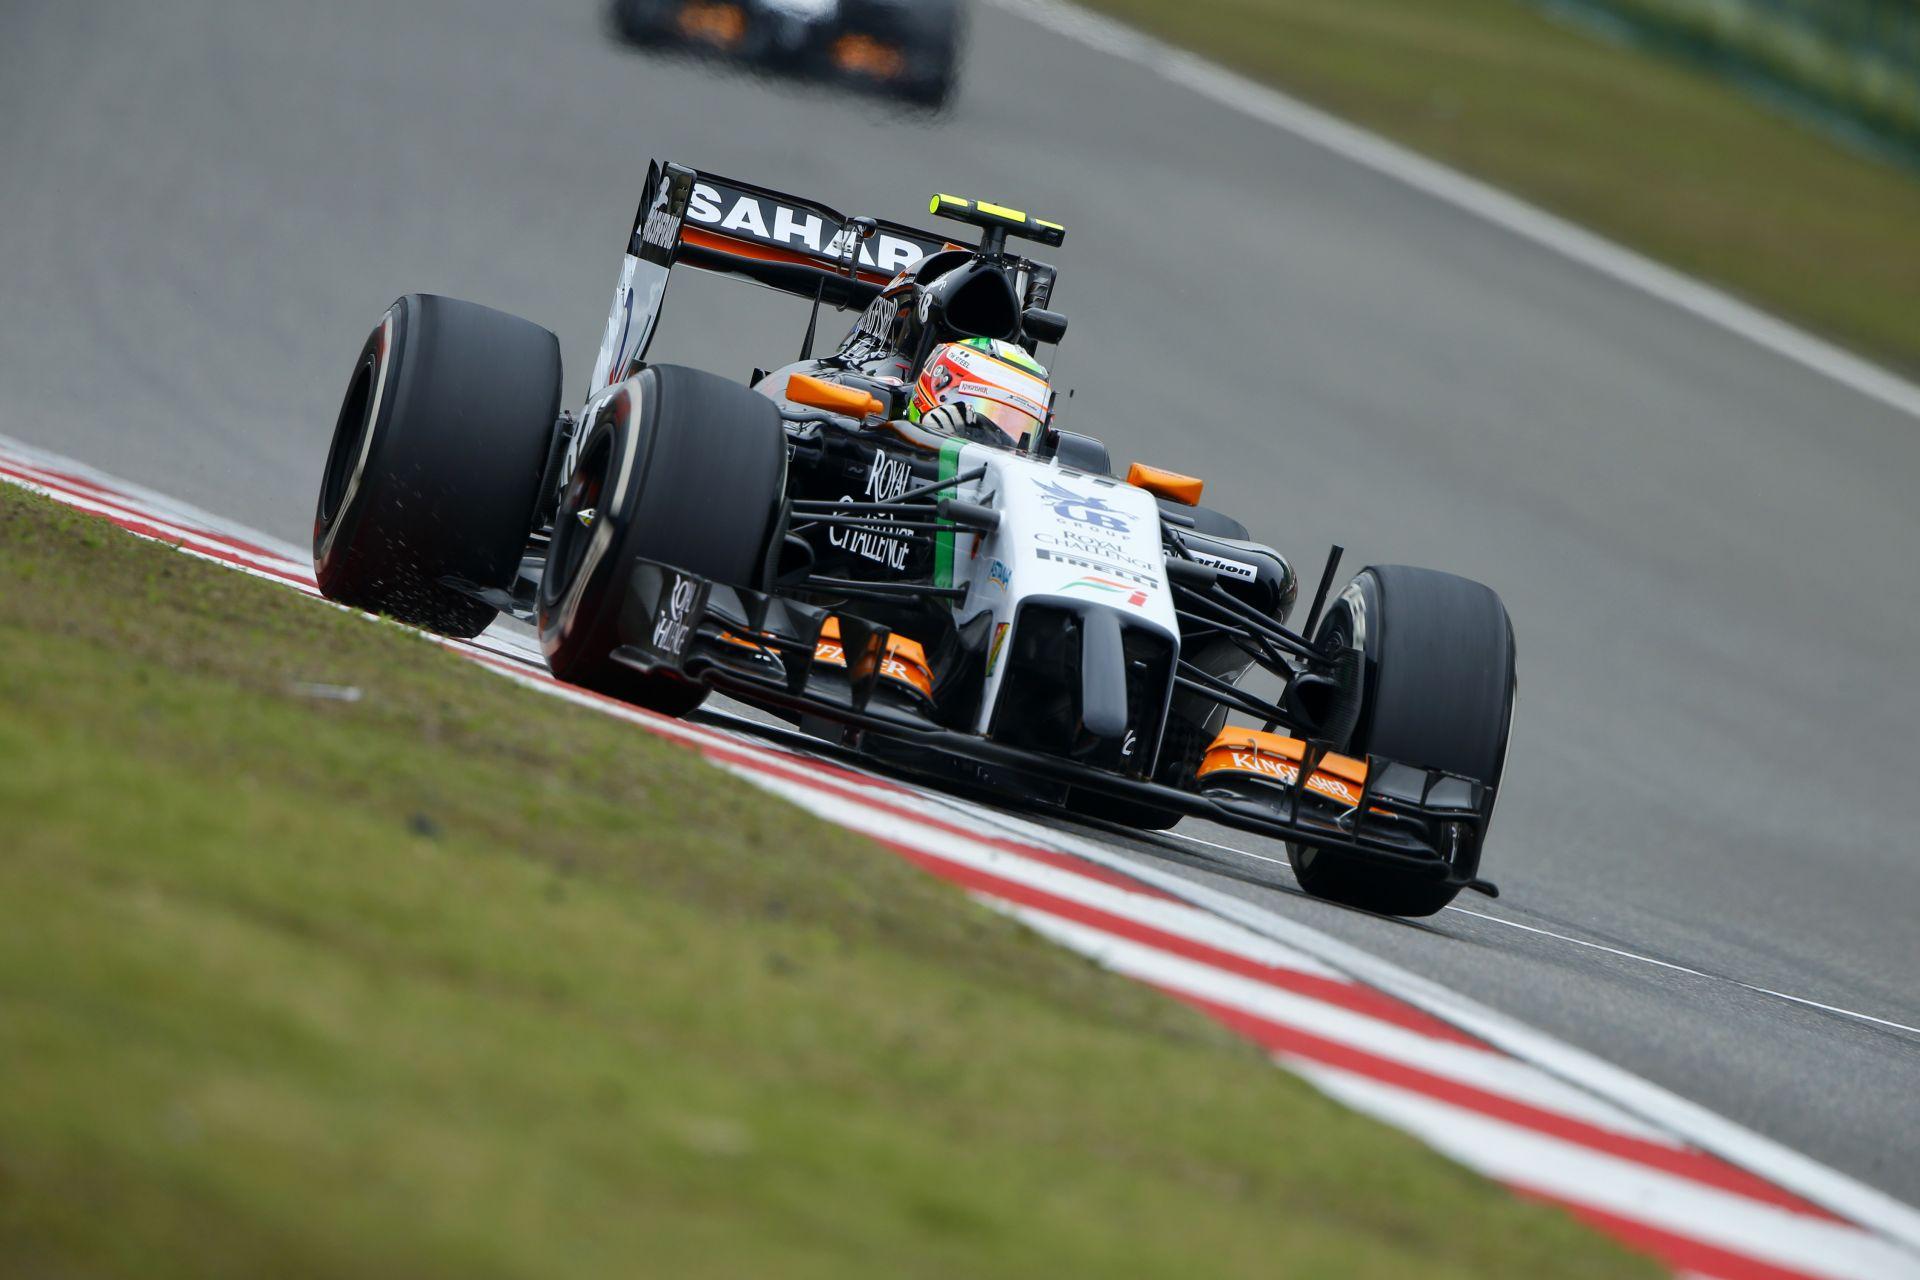 """Élesedik a Force India """"bárdja"""" Barcelonában: Néha azonban ciki, hogy a GP2-es autók gyorsabbak az F1-nél"""